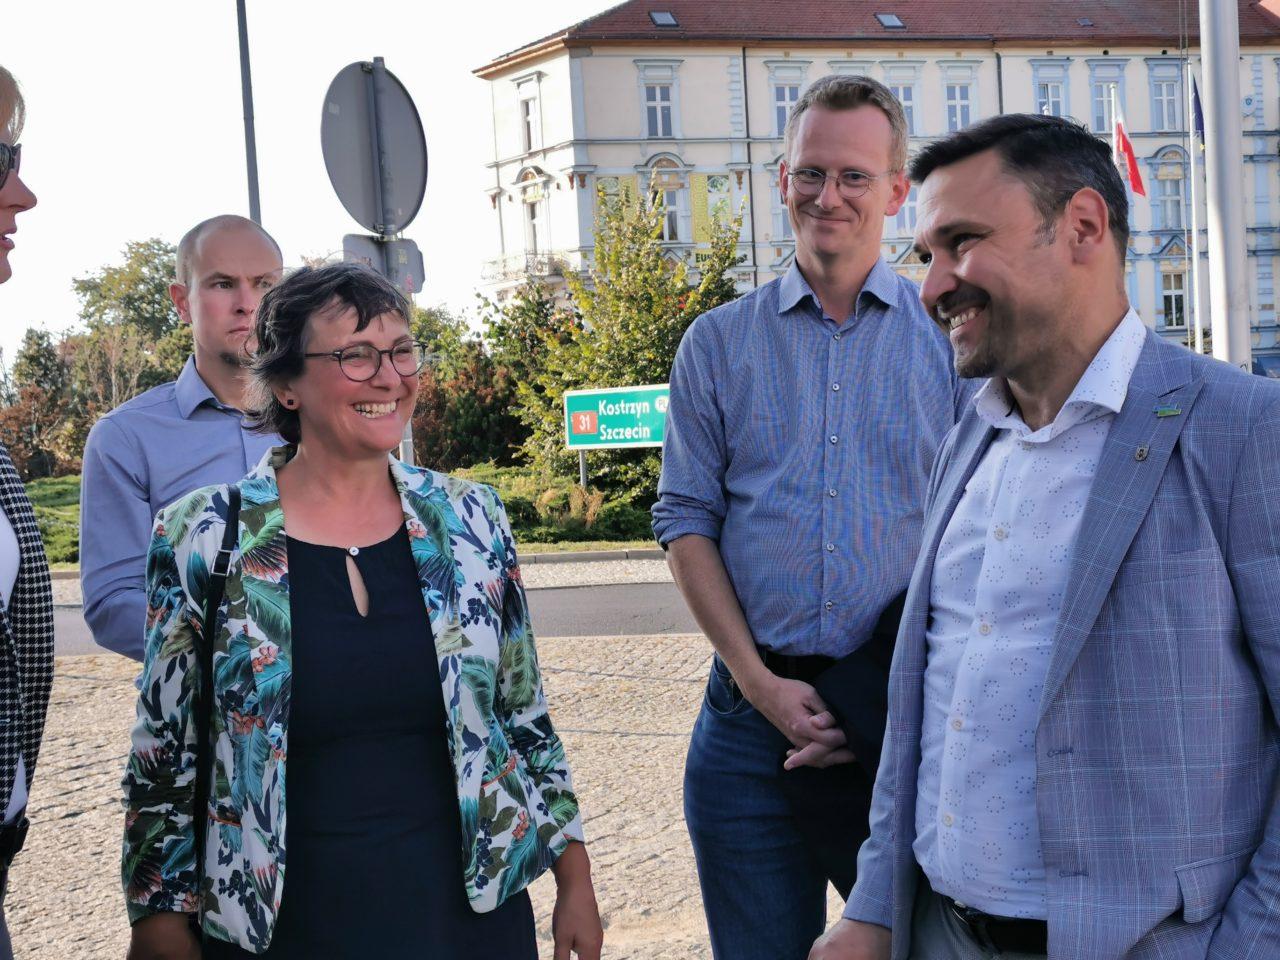 Burmistrz opowiedział gościom z Niemiec o naszym dwumieście